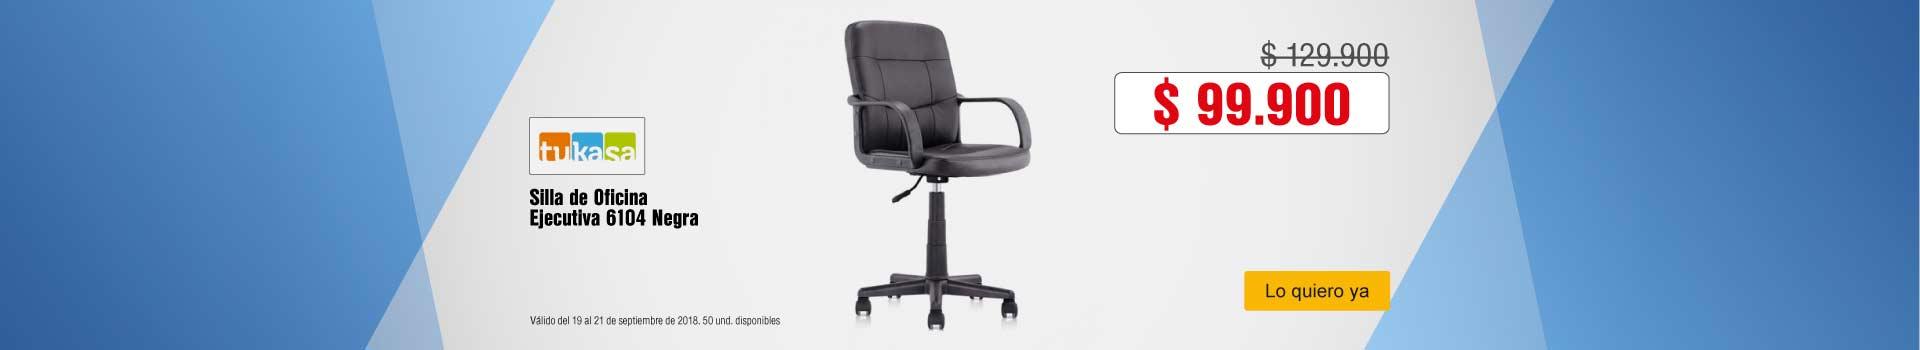 AK-BCAT-2-muebles-PP---silla-de-oficina-ejecutiva-19sep